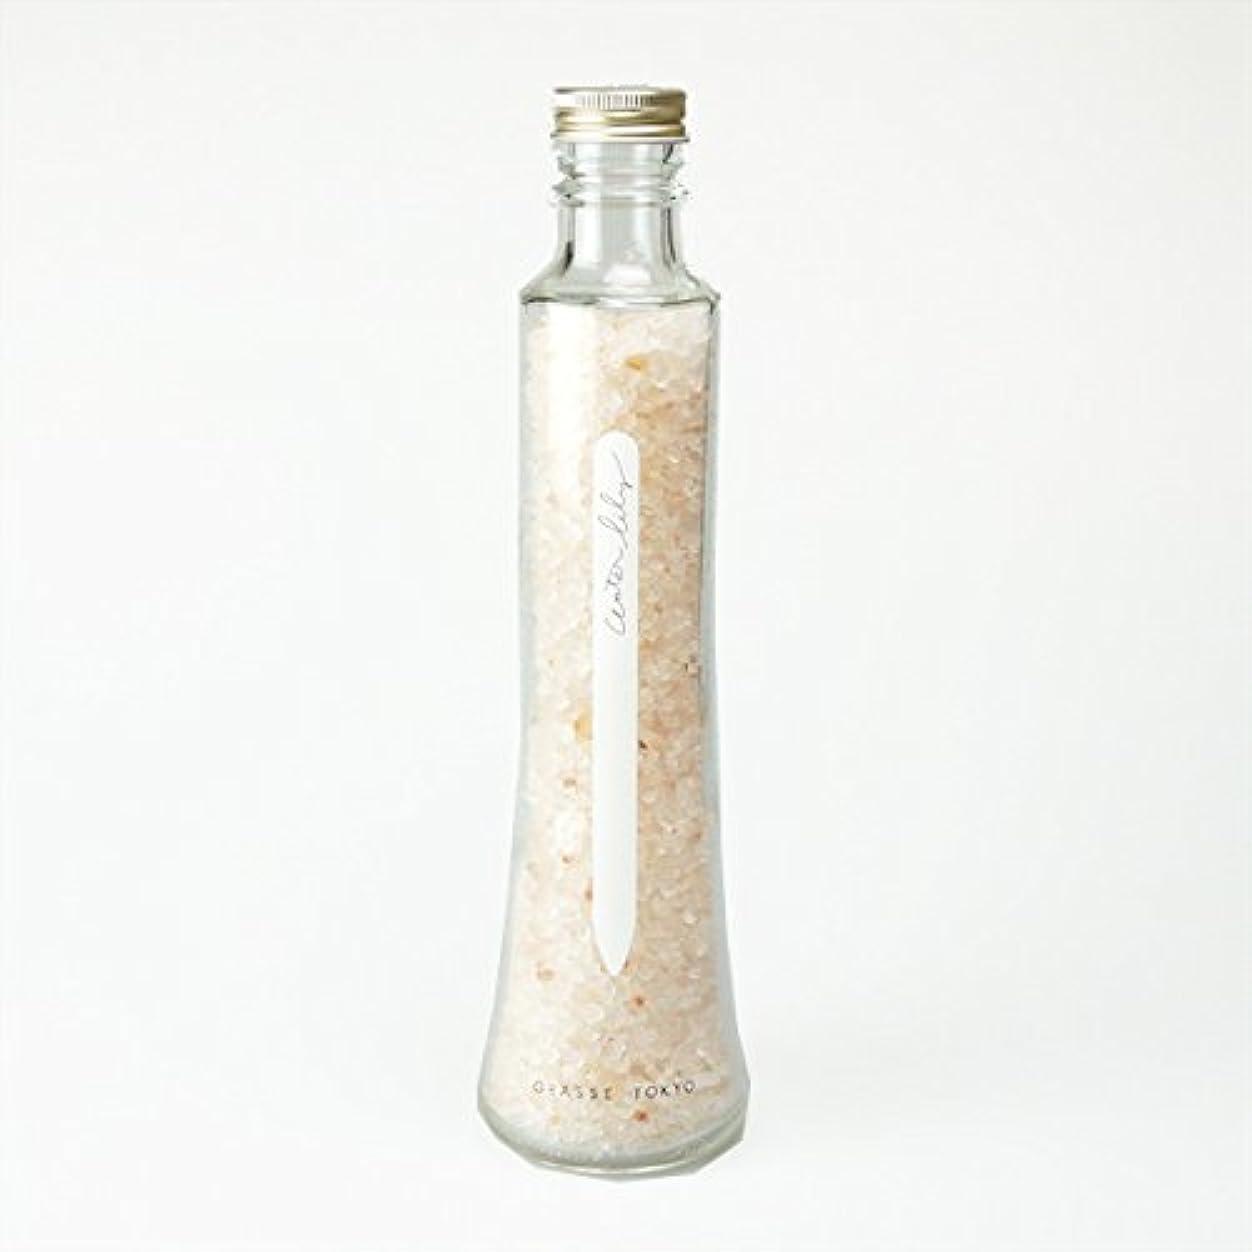 まともなに慣れ廃止するグラーストウキョウ フレグランスソルト(浴用、12回分ボトル) Water lily 360g